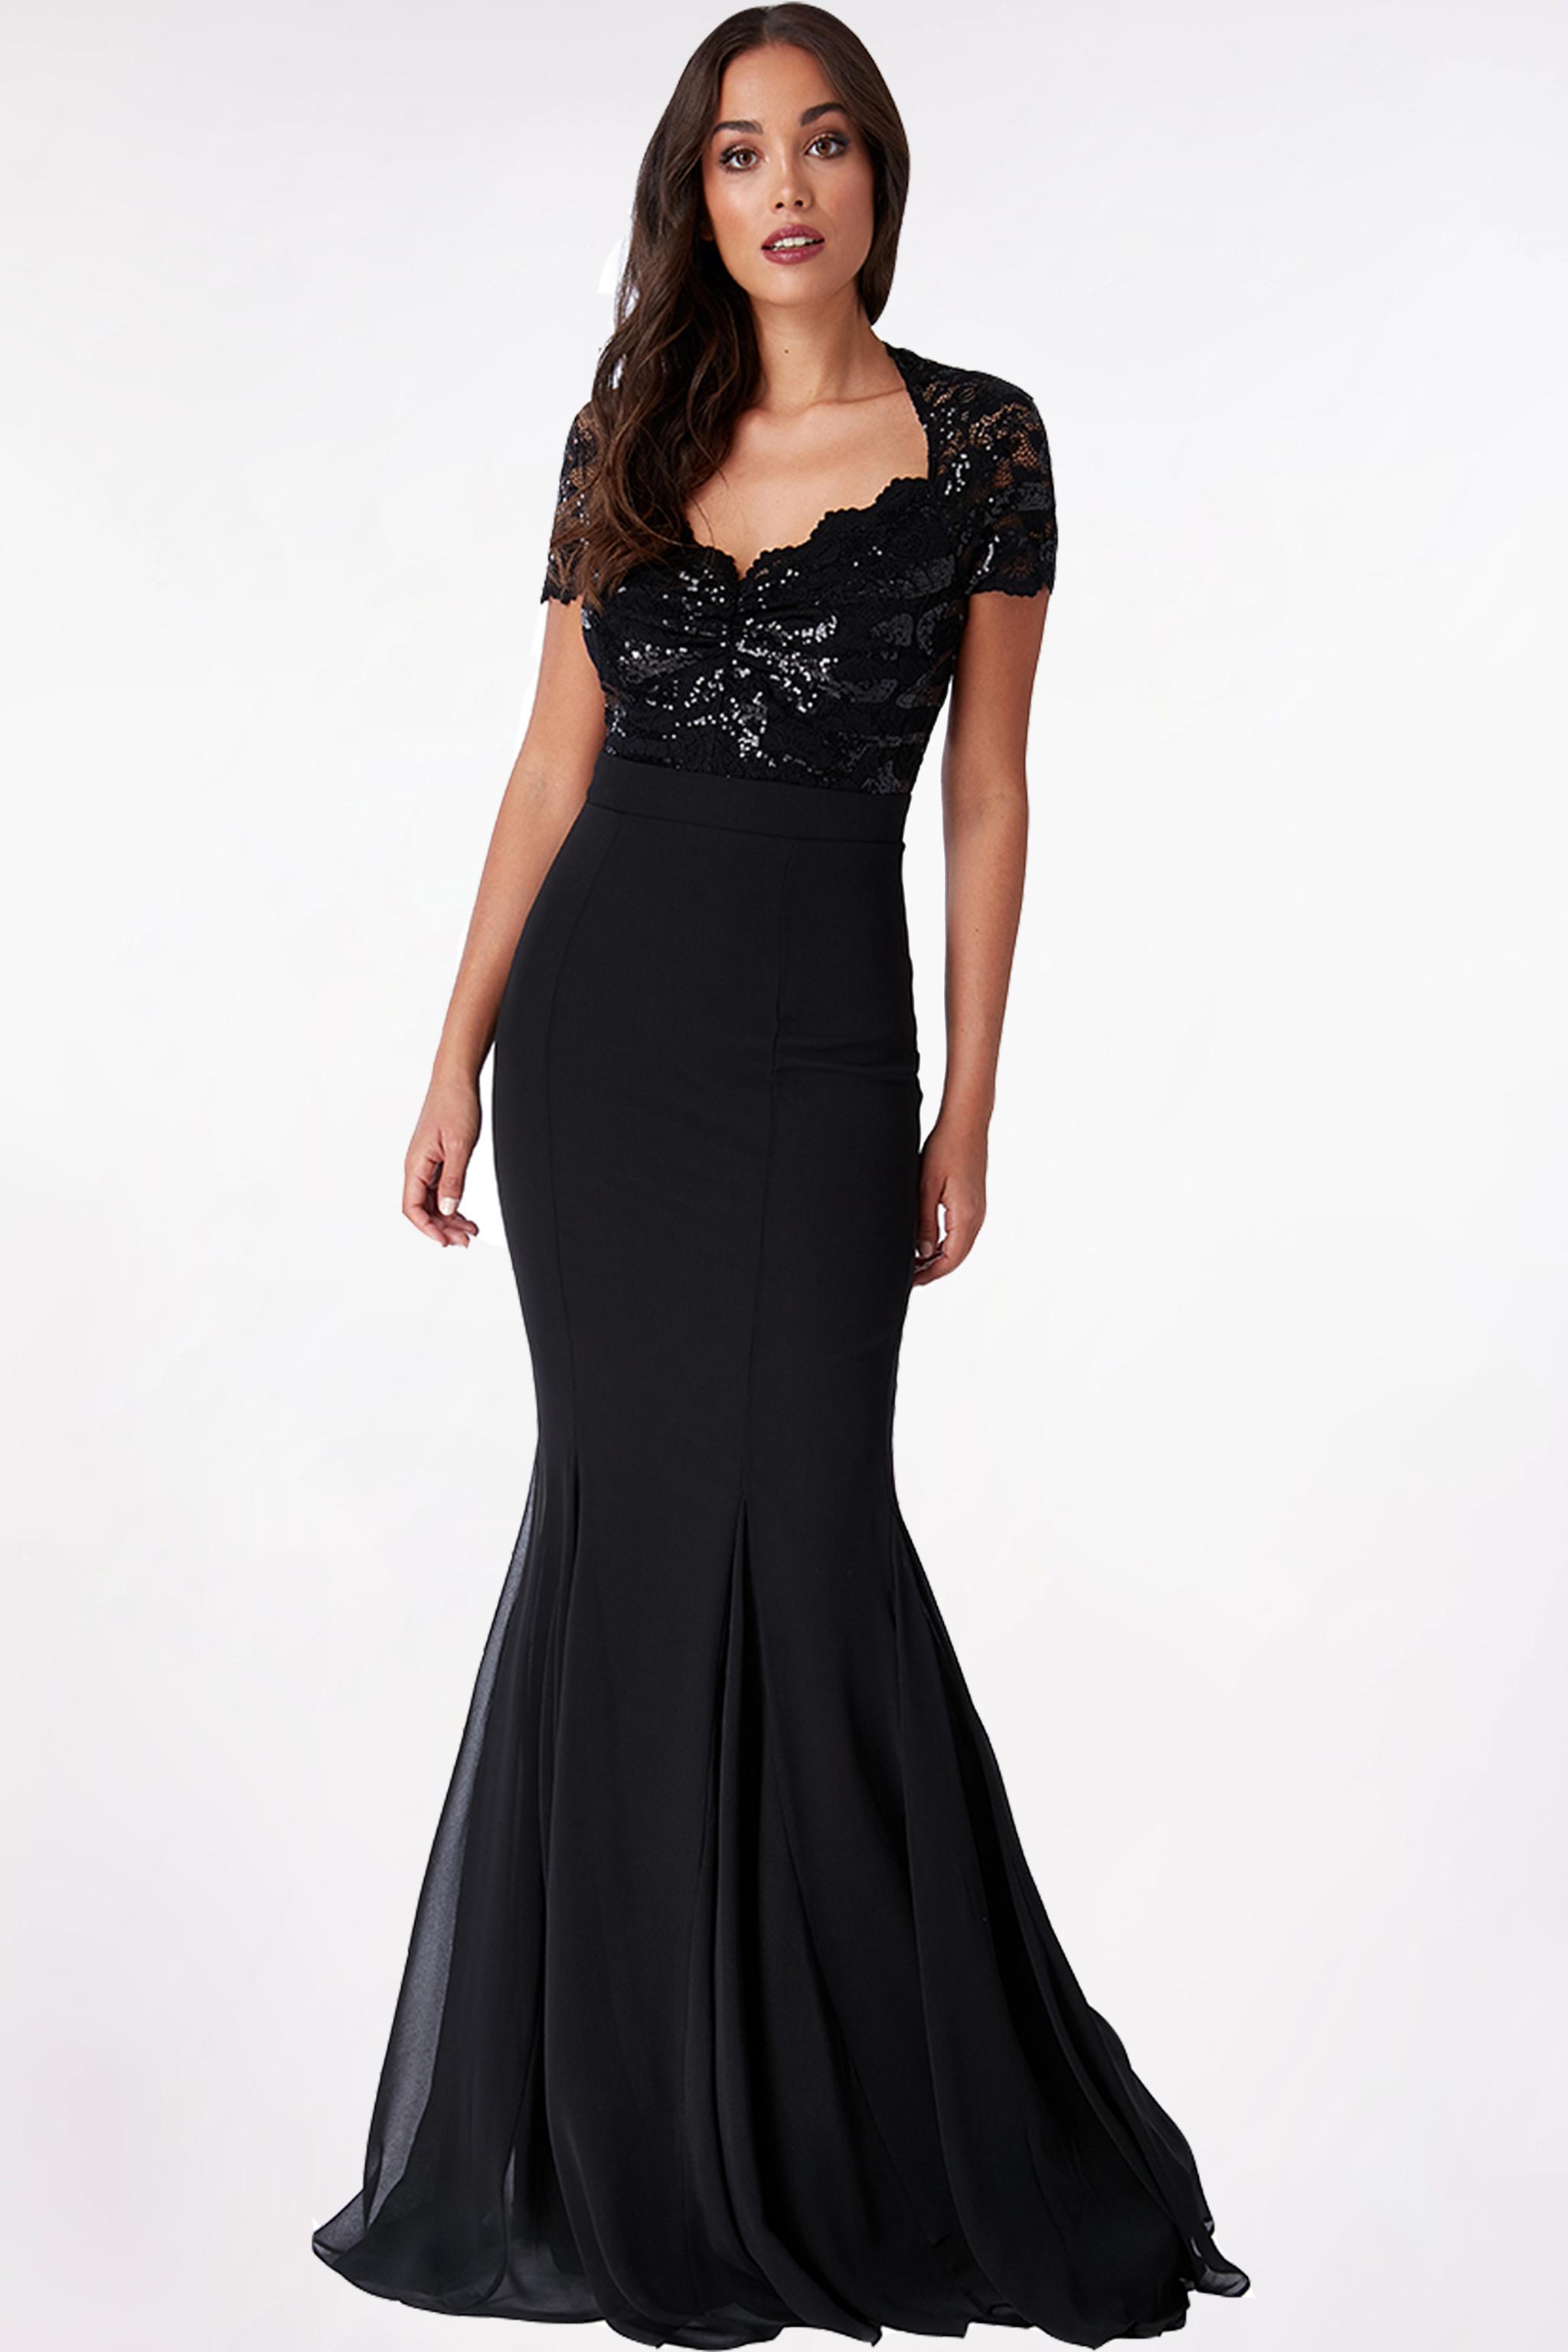 Obrázok 1 Čierne plesové šaty s krátkym rukávom 190f0f63768